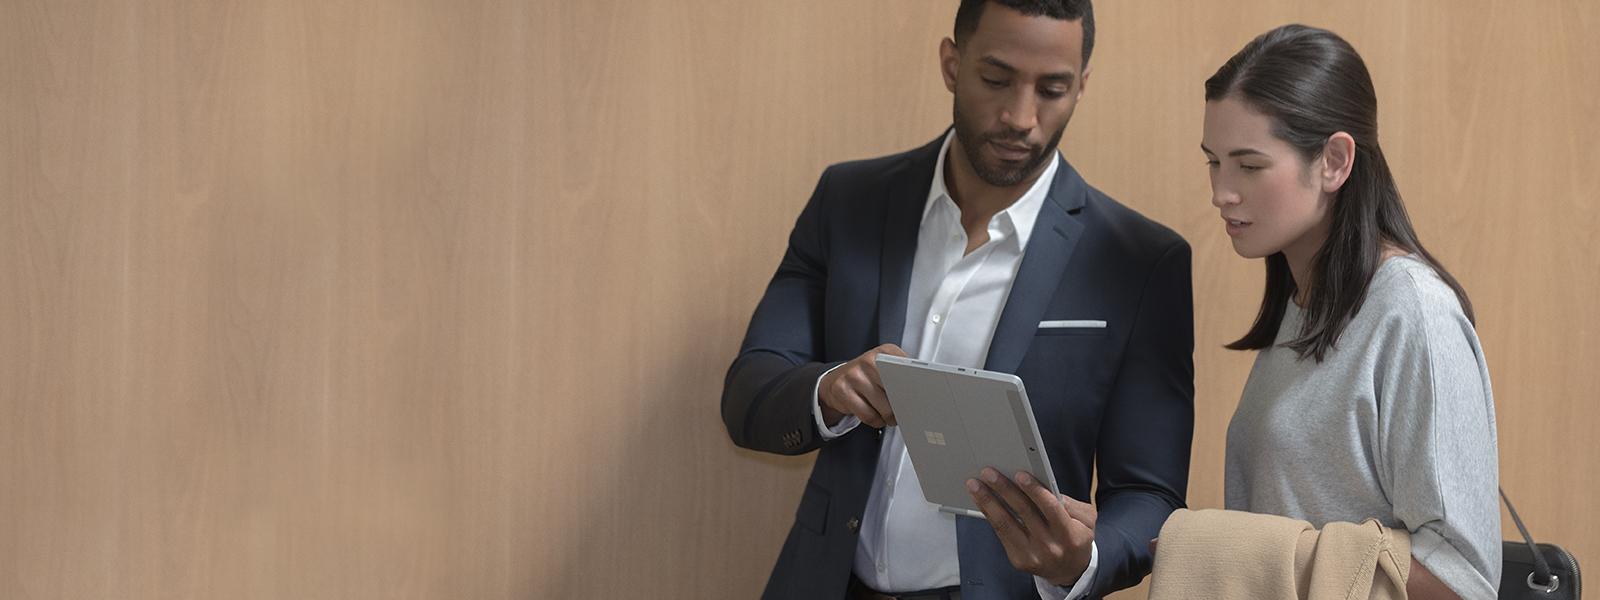 복도에서 Surface Go를 바라보는 남성 및 여성 회사원